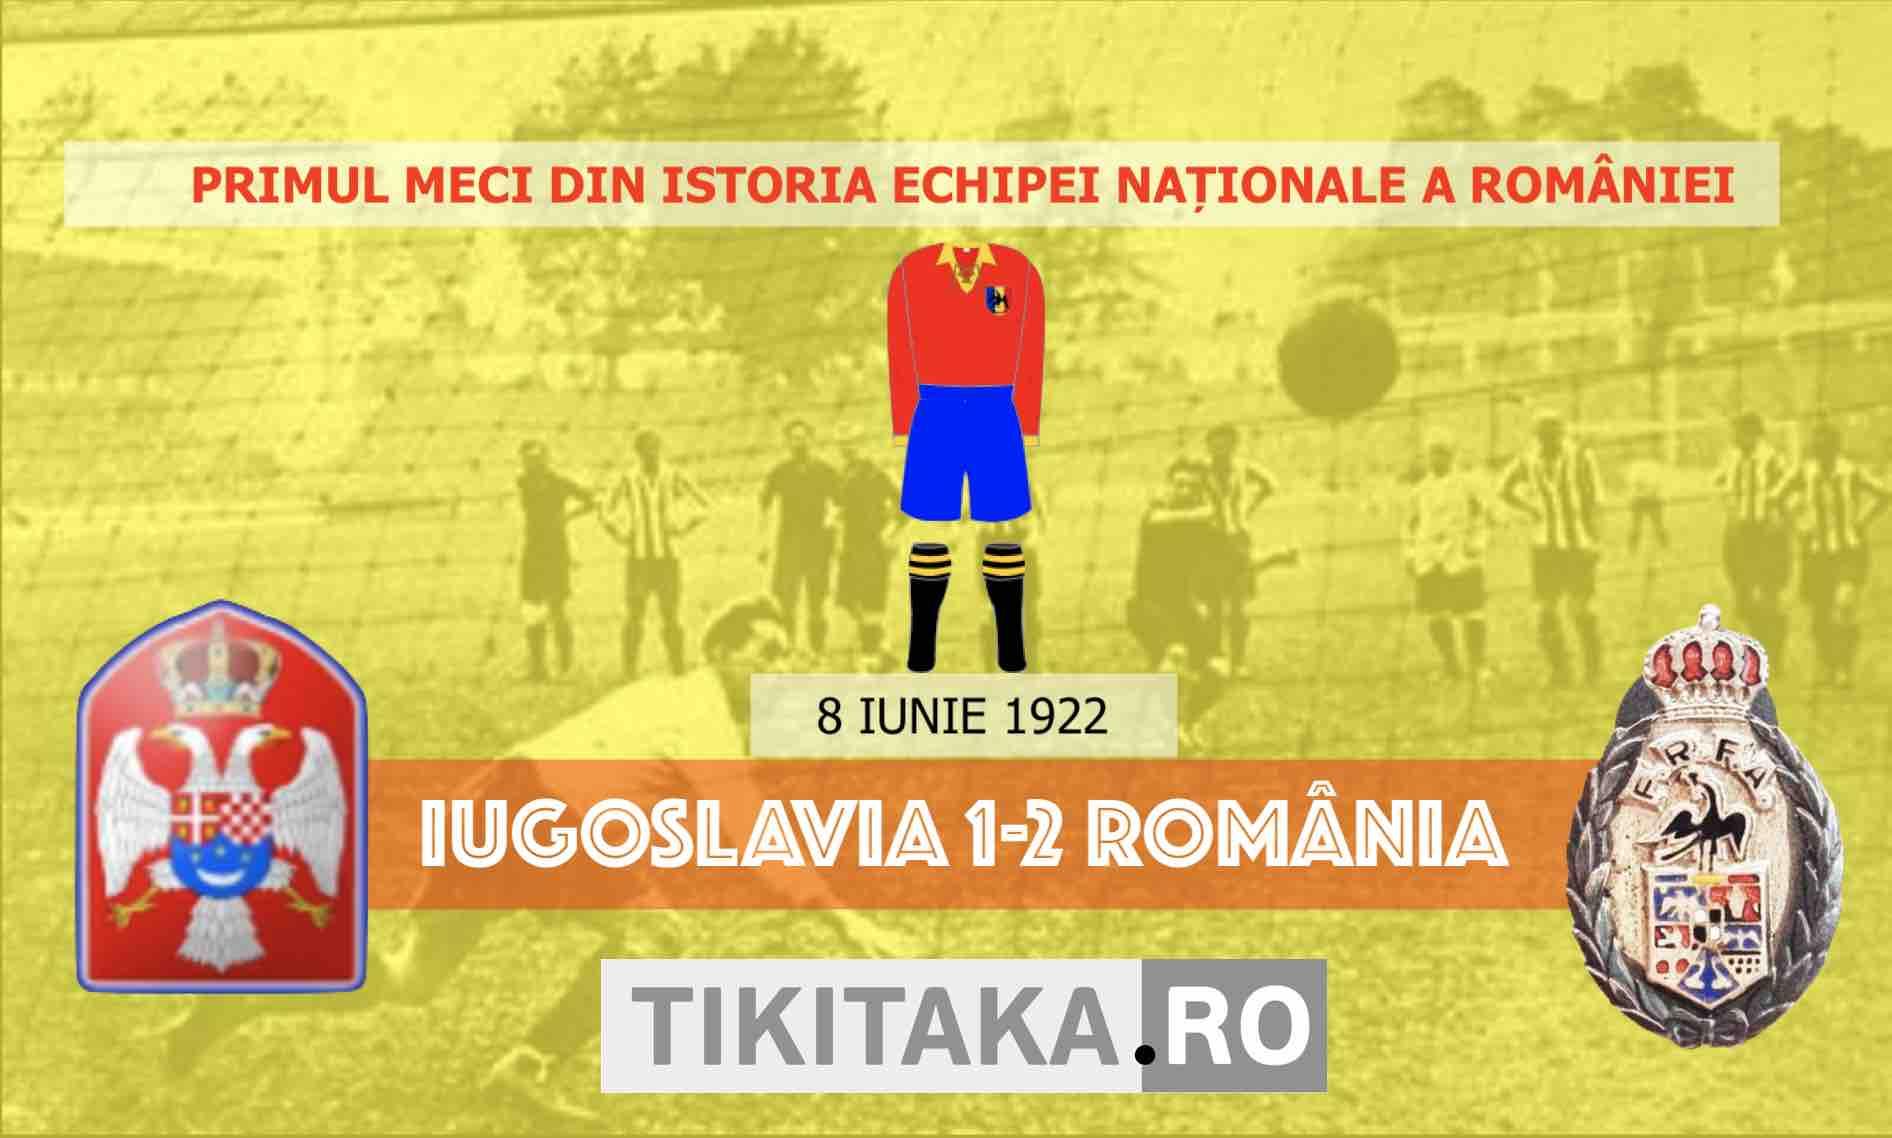 Iugoslavia vs România, 8 iunei 1922